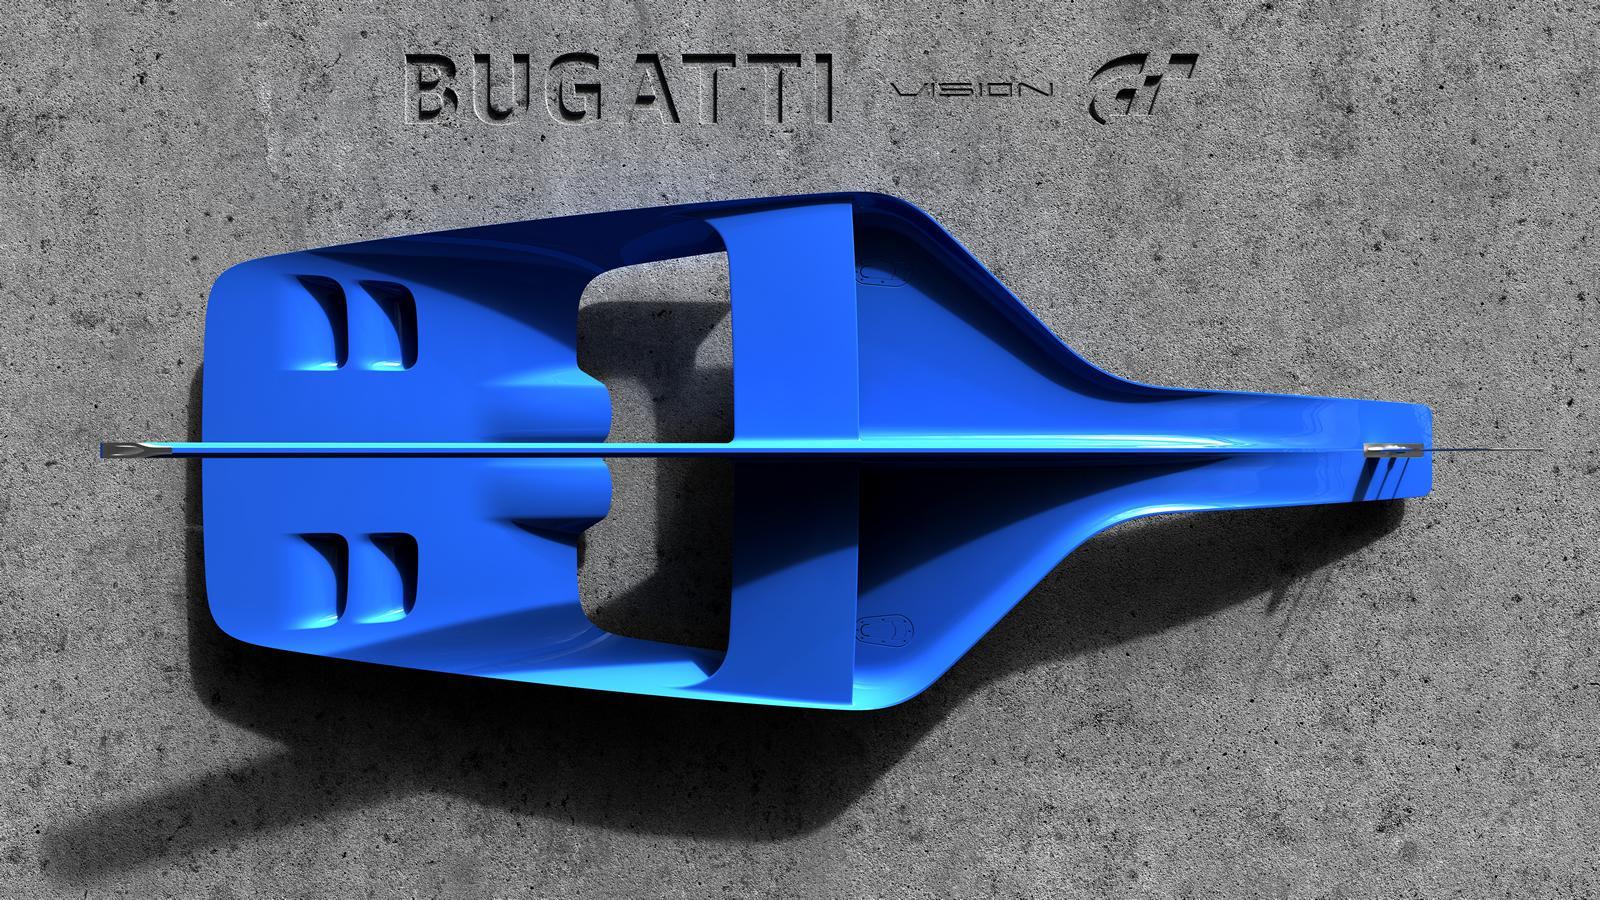 bugatti-vision-gran-turismo-is-said-to-preview-new-design-language-launches-at-iaa-98999_1.jpg